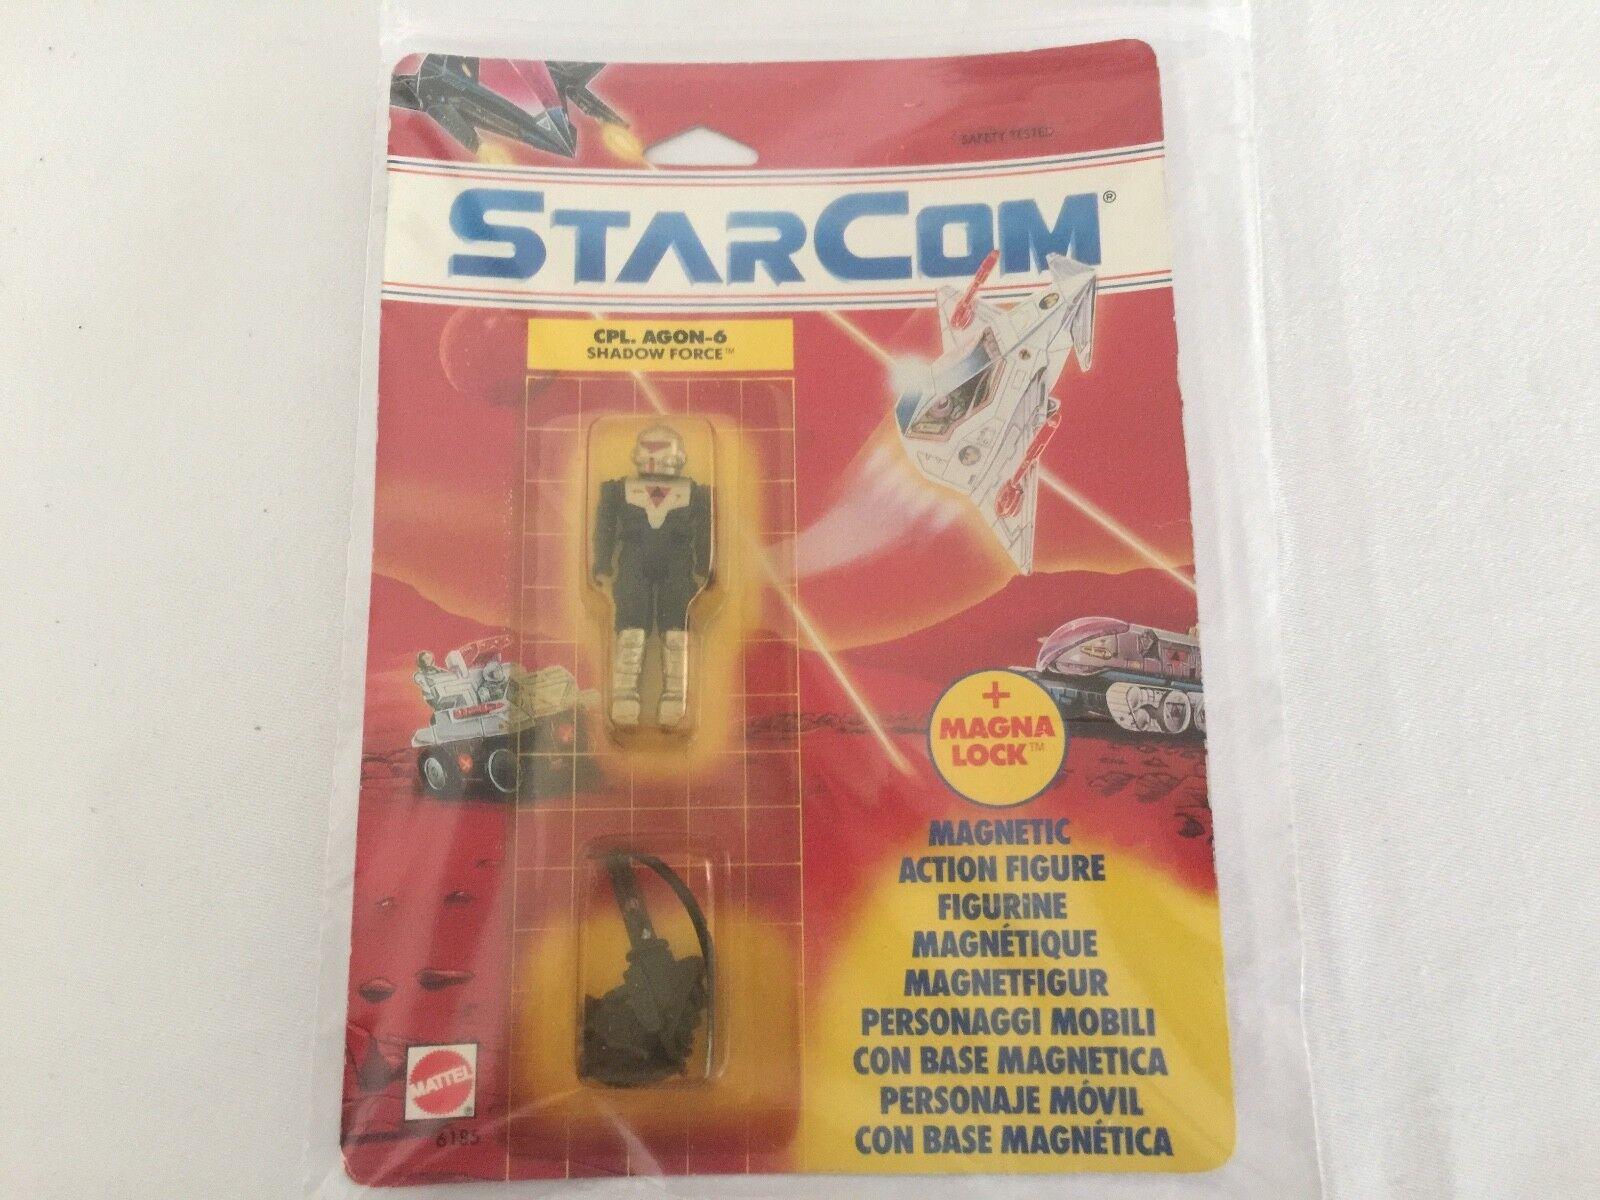 suministro directo de los fabricantes Estrellacom Cpl. Agon - - - 6 figura en la tarjeta en perfecto estado en Cochetón sellado Mattla versión europea  artículos de promoción